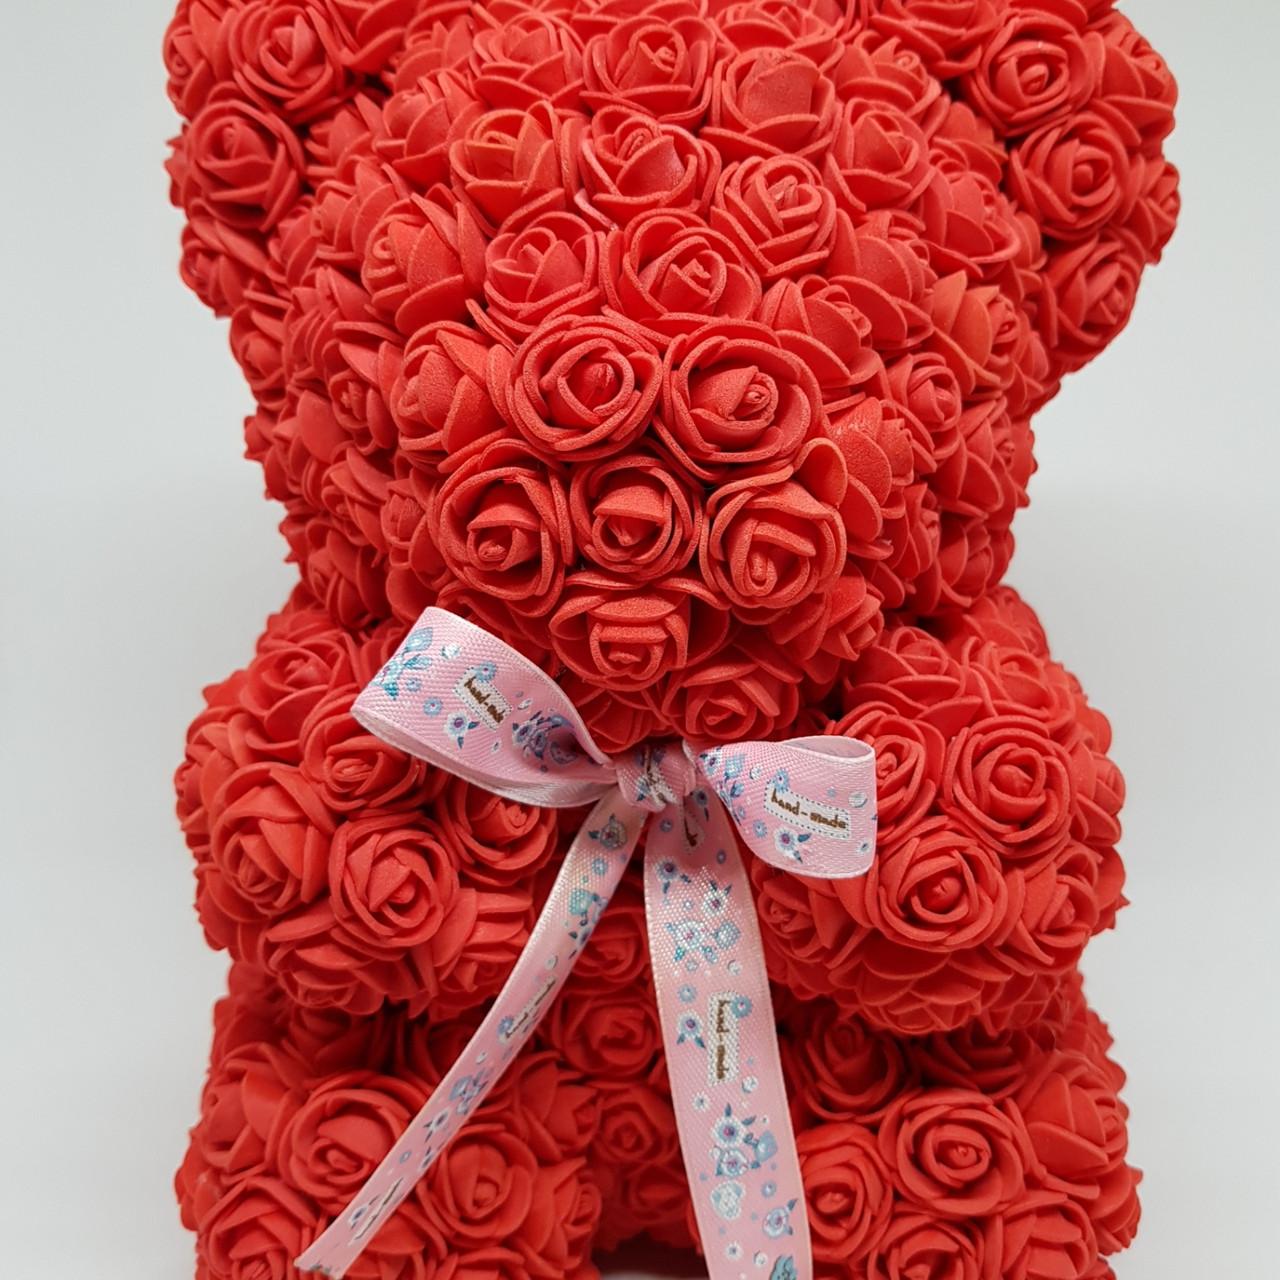 Подарочный Мишка из роз, Красный 25 см